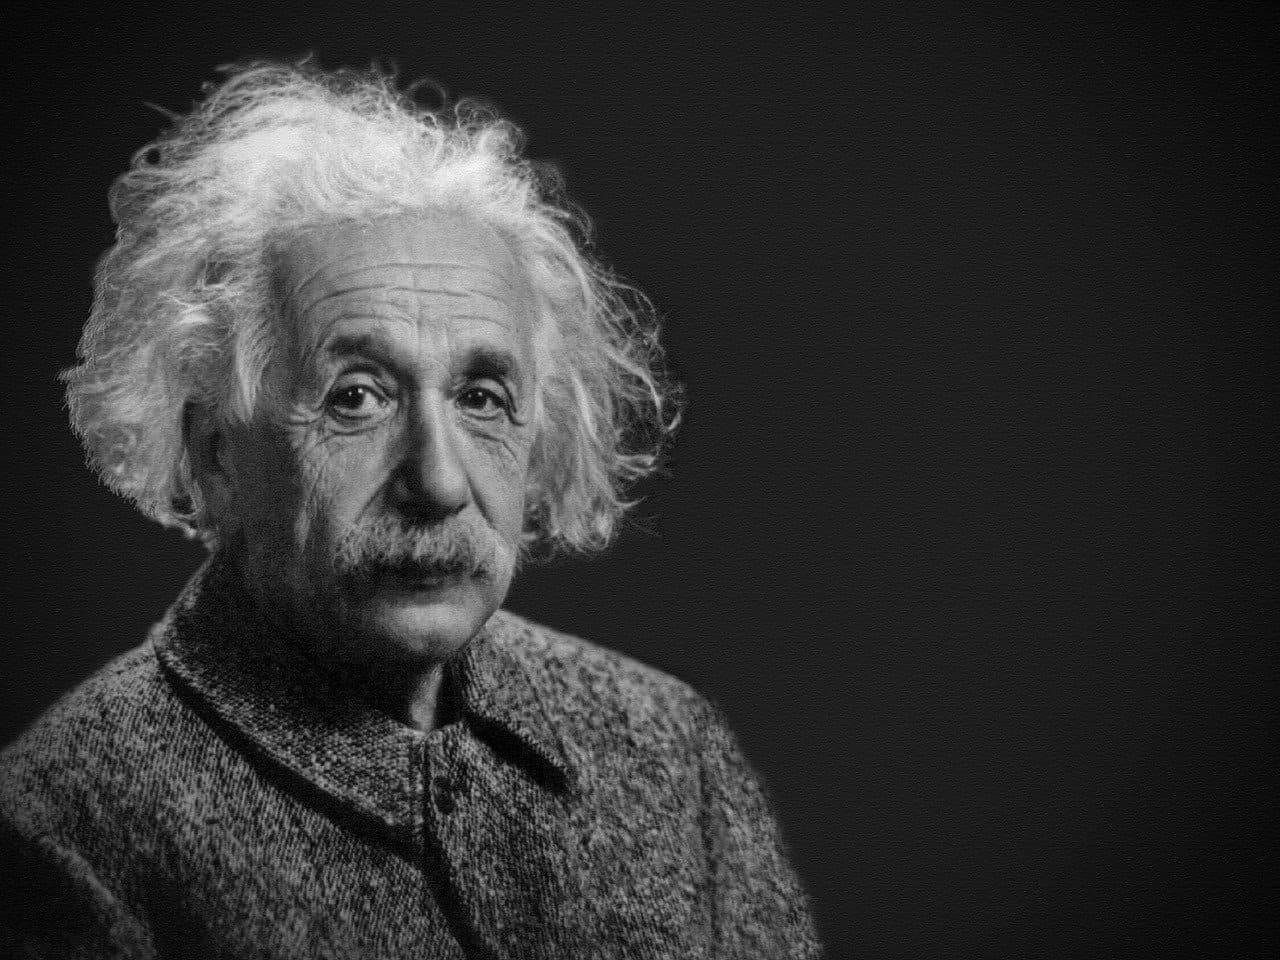 凡人と天才の定義